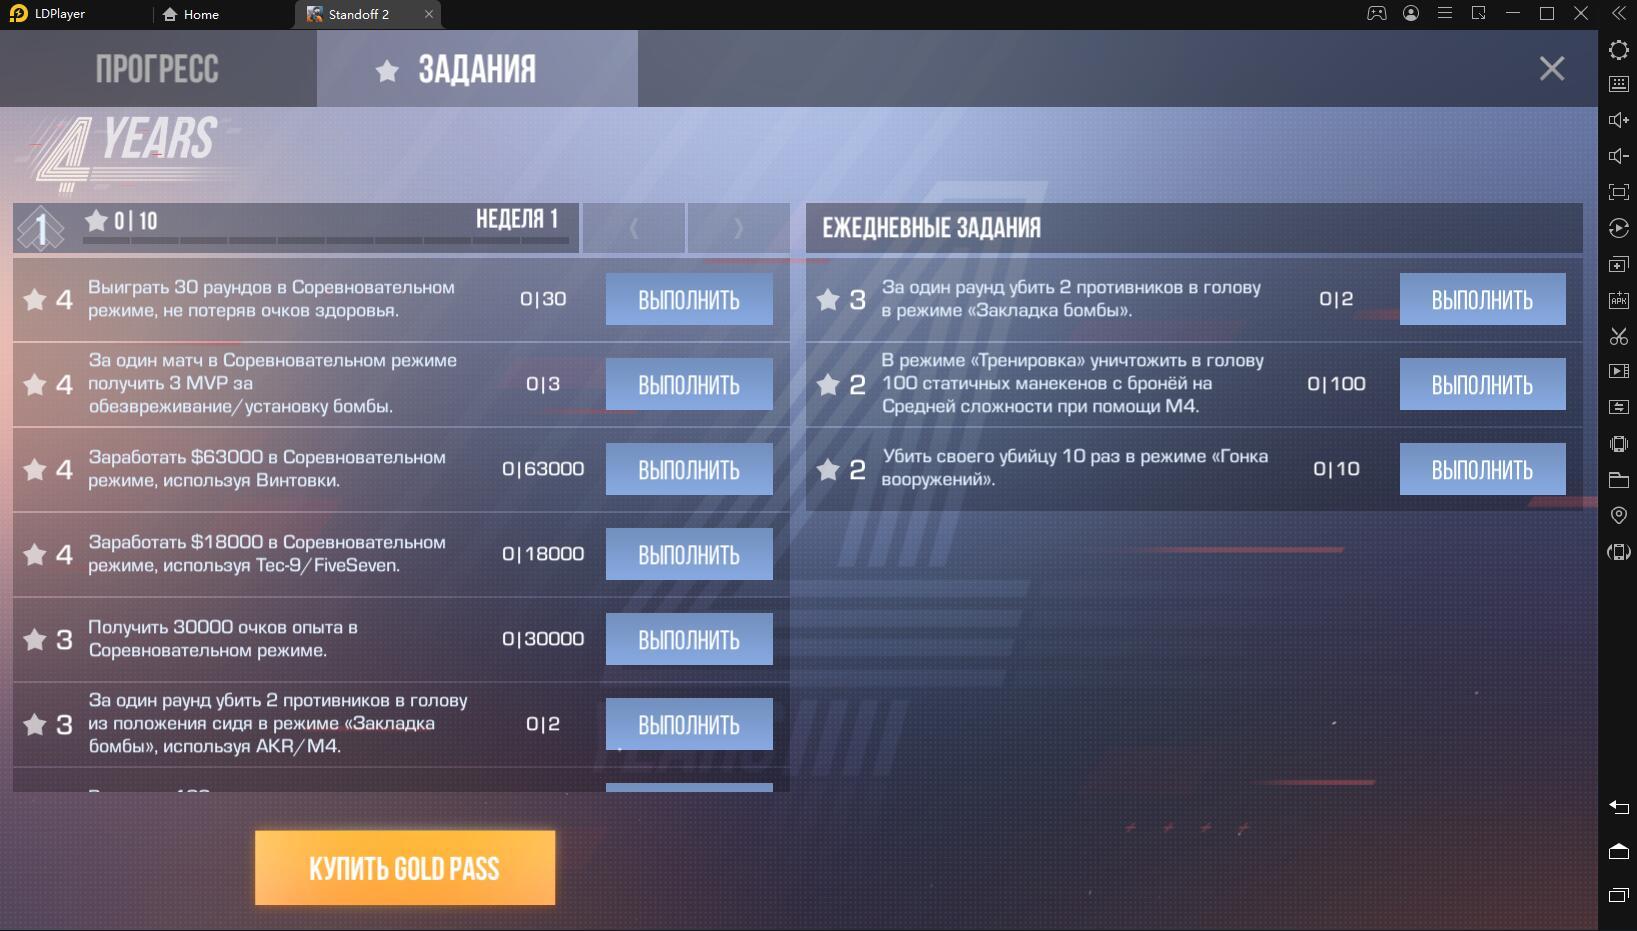 Что нового в версии 0.15.6 Standoff 2